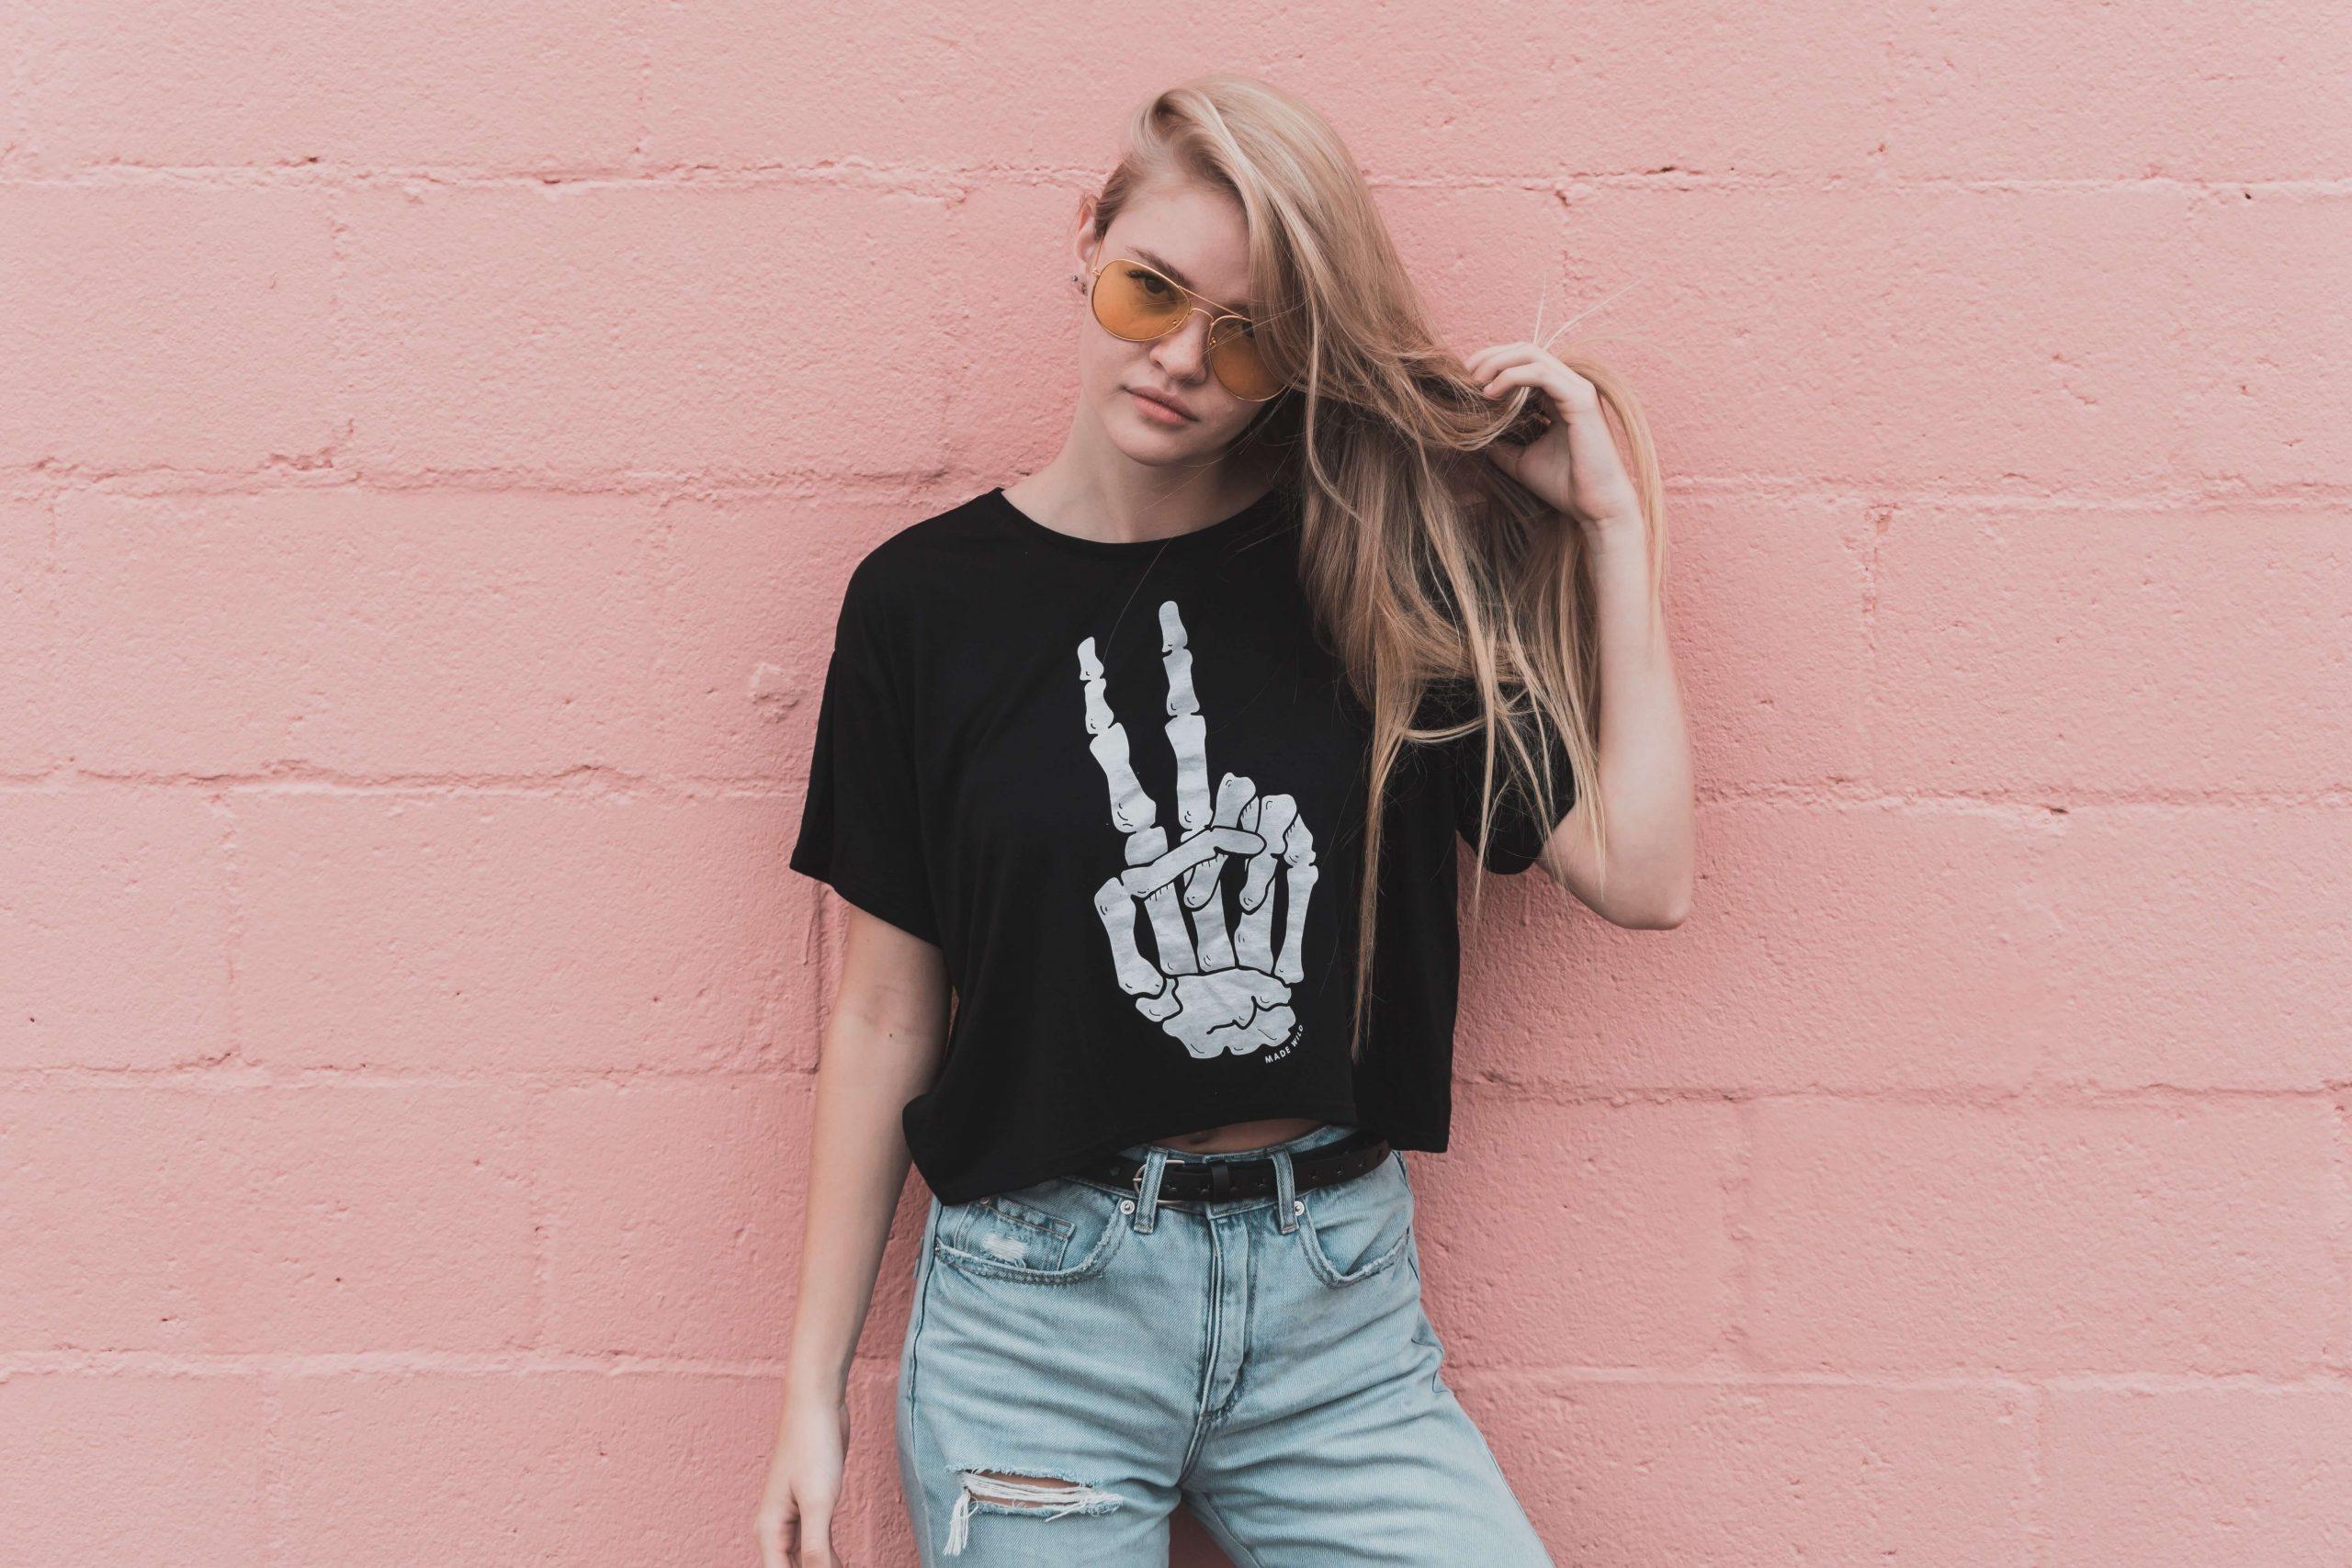 attitude girl dp, attitude fashion